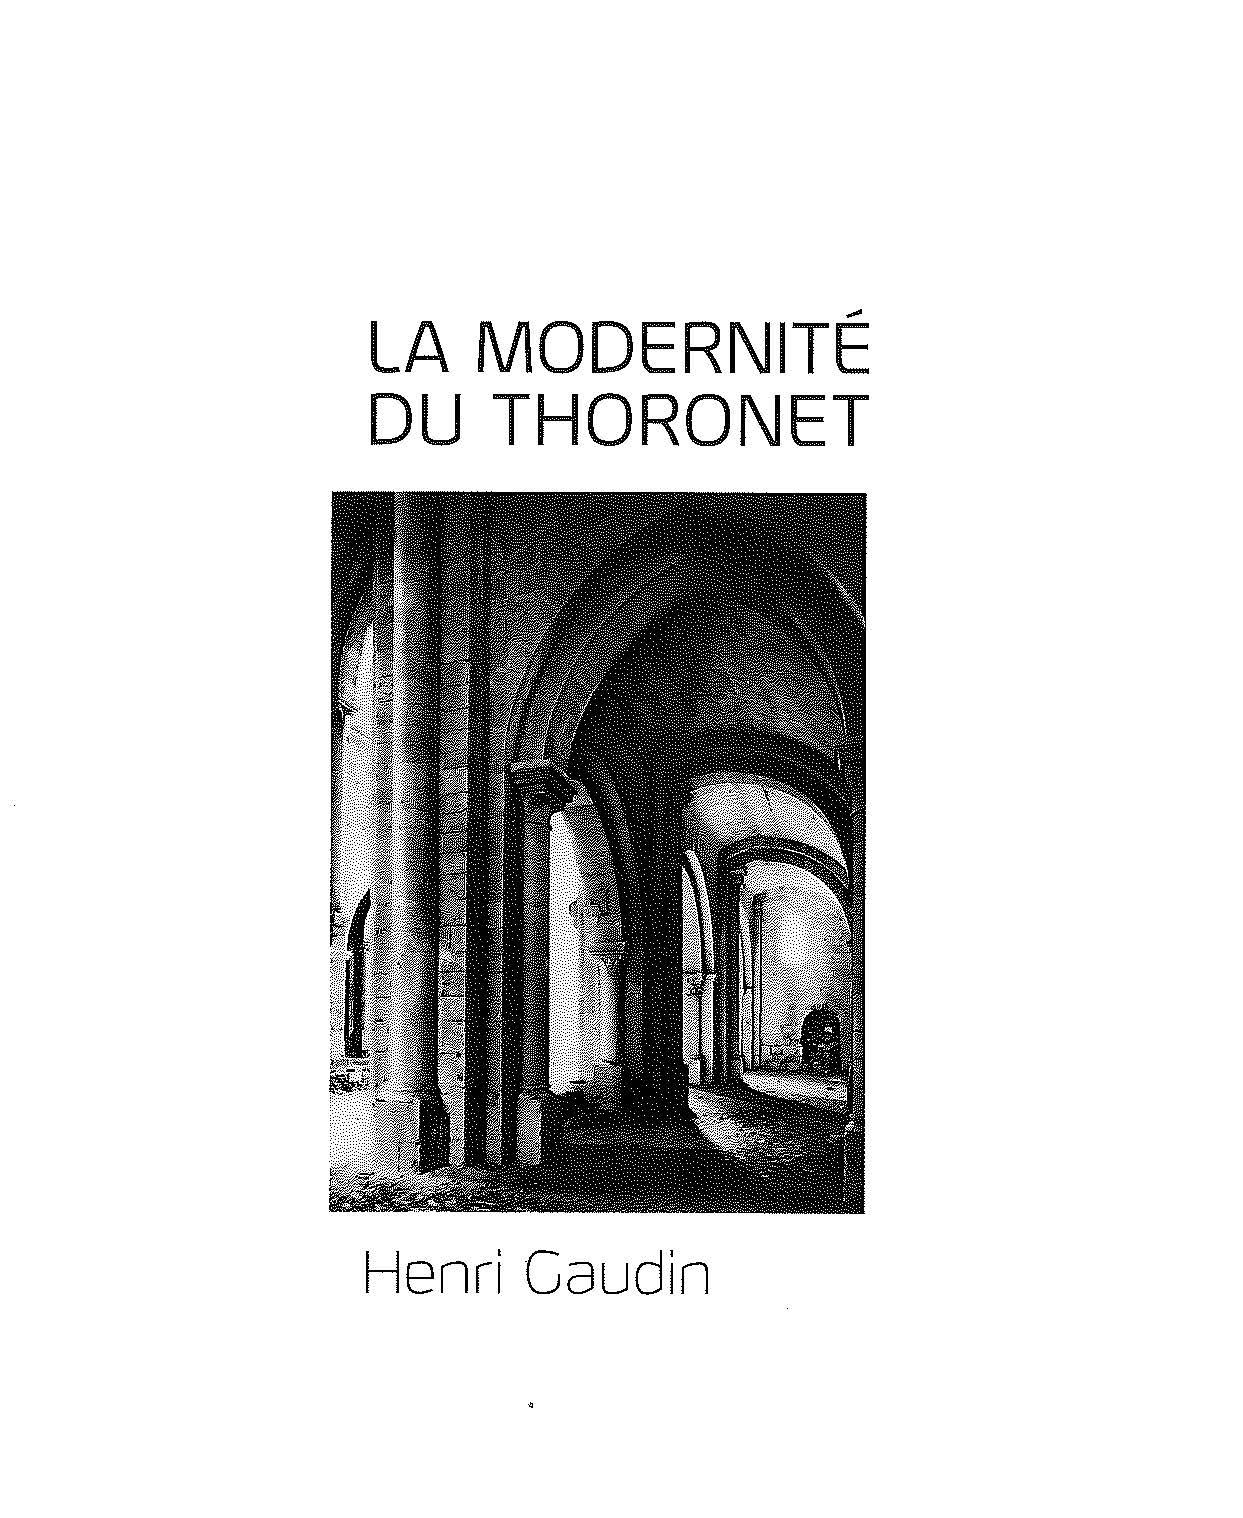 La Modernité du Thoronet